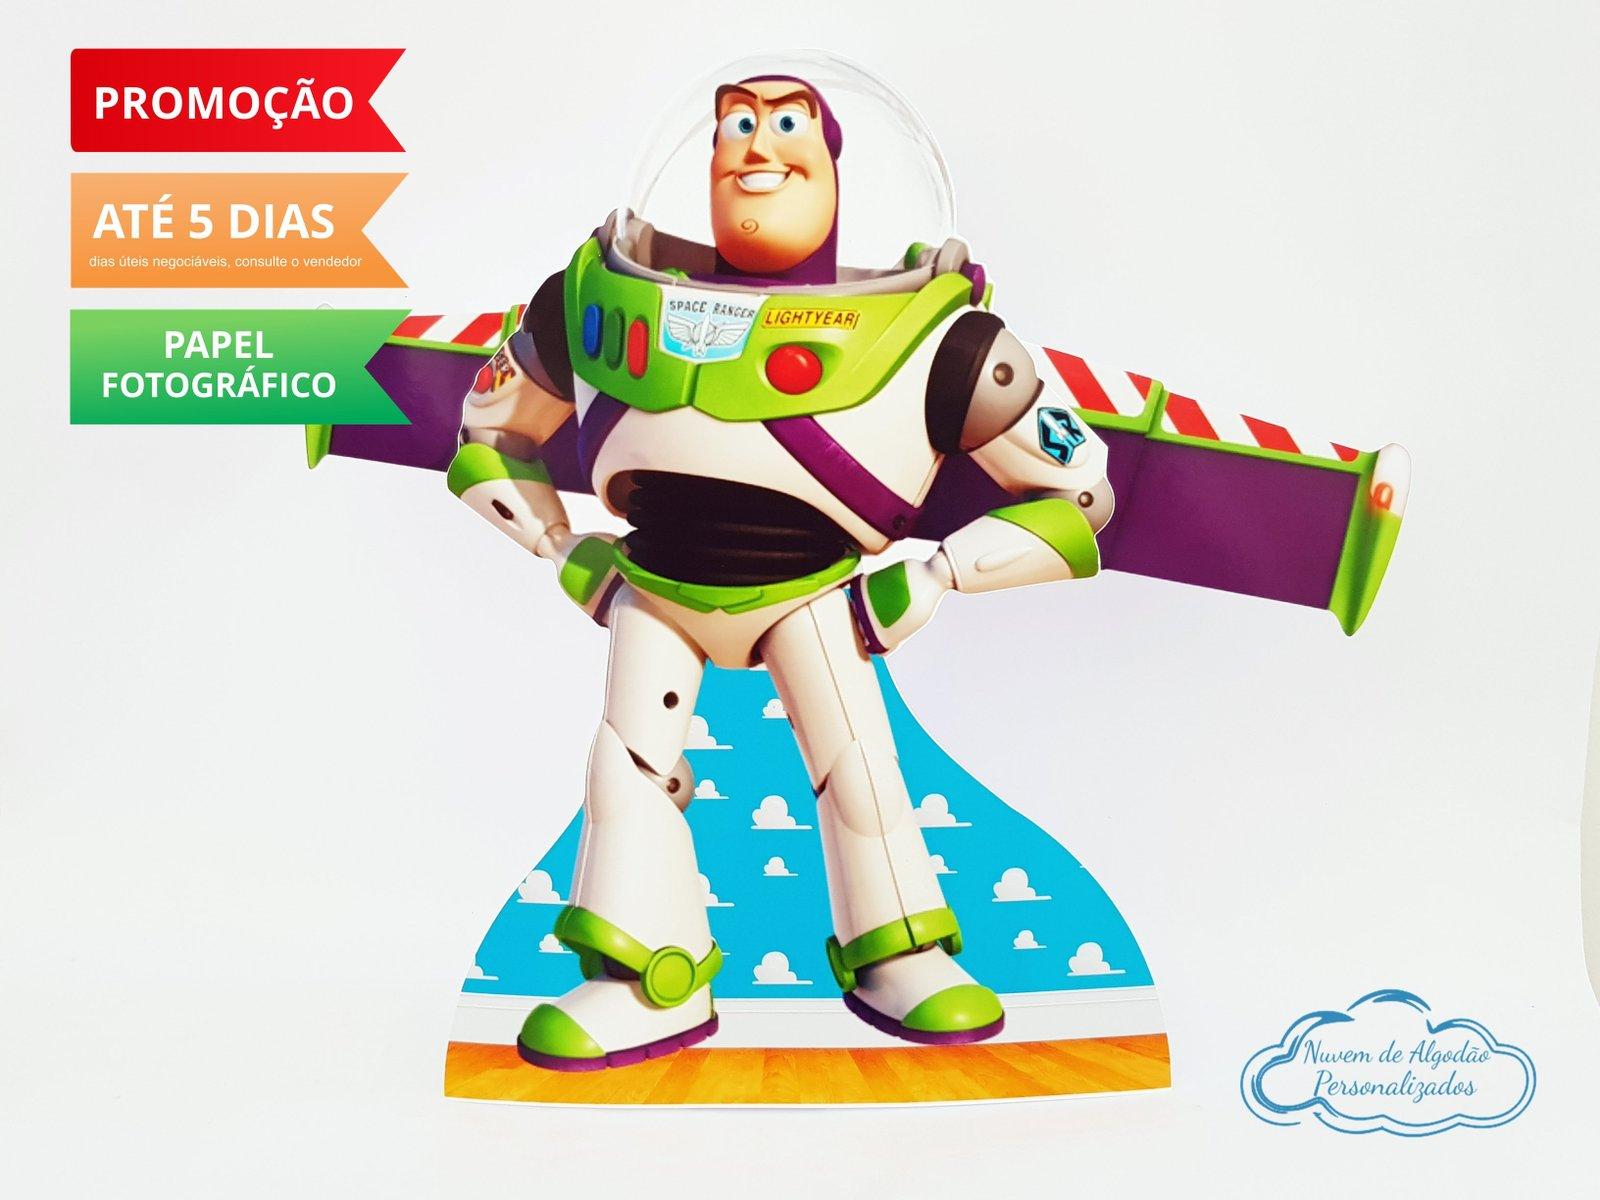 Display de mesa Toy Story 27cm - Buzz Lightyear-Display de mesa Toy Story até 27cm - Buzz Lightyear Largura varia de acordo com a imagem.  - Pos